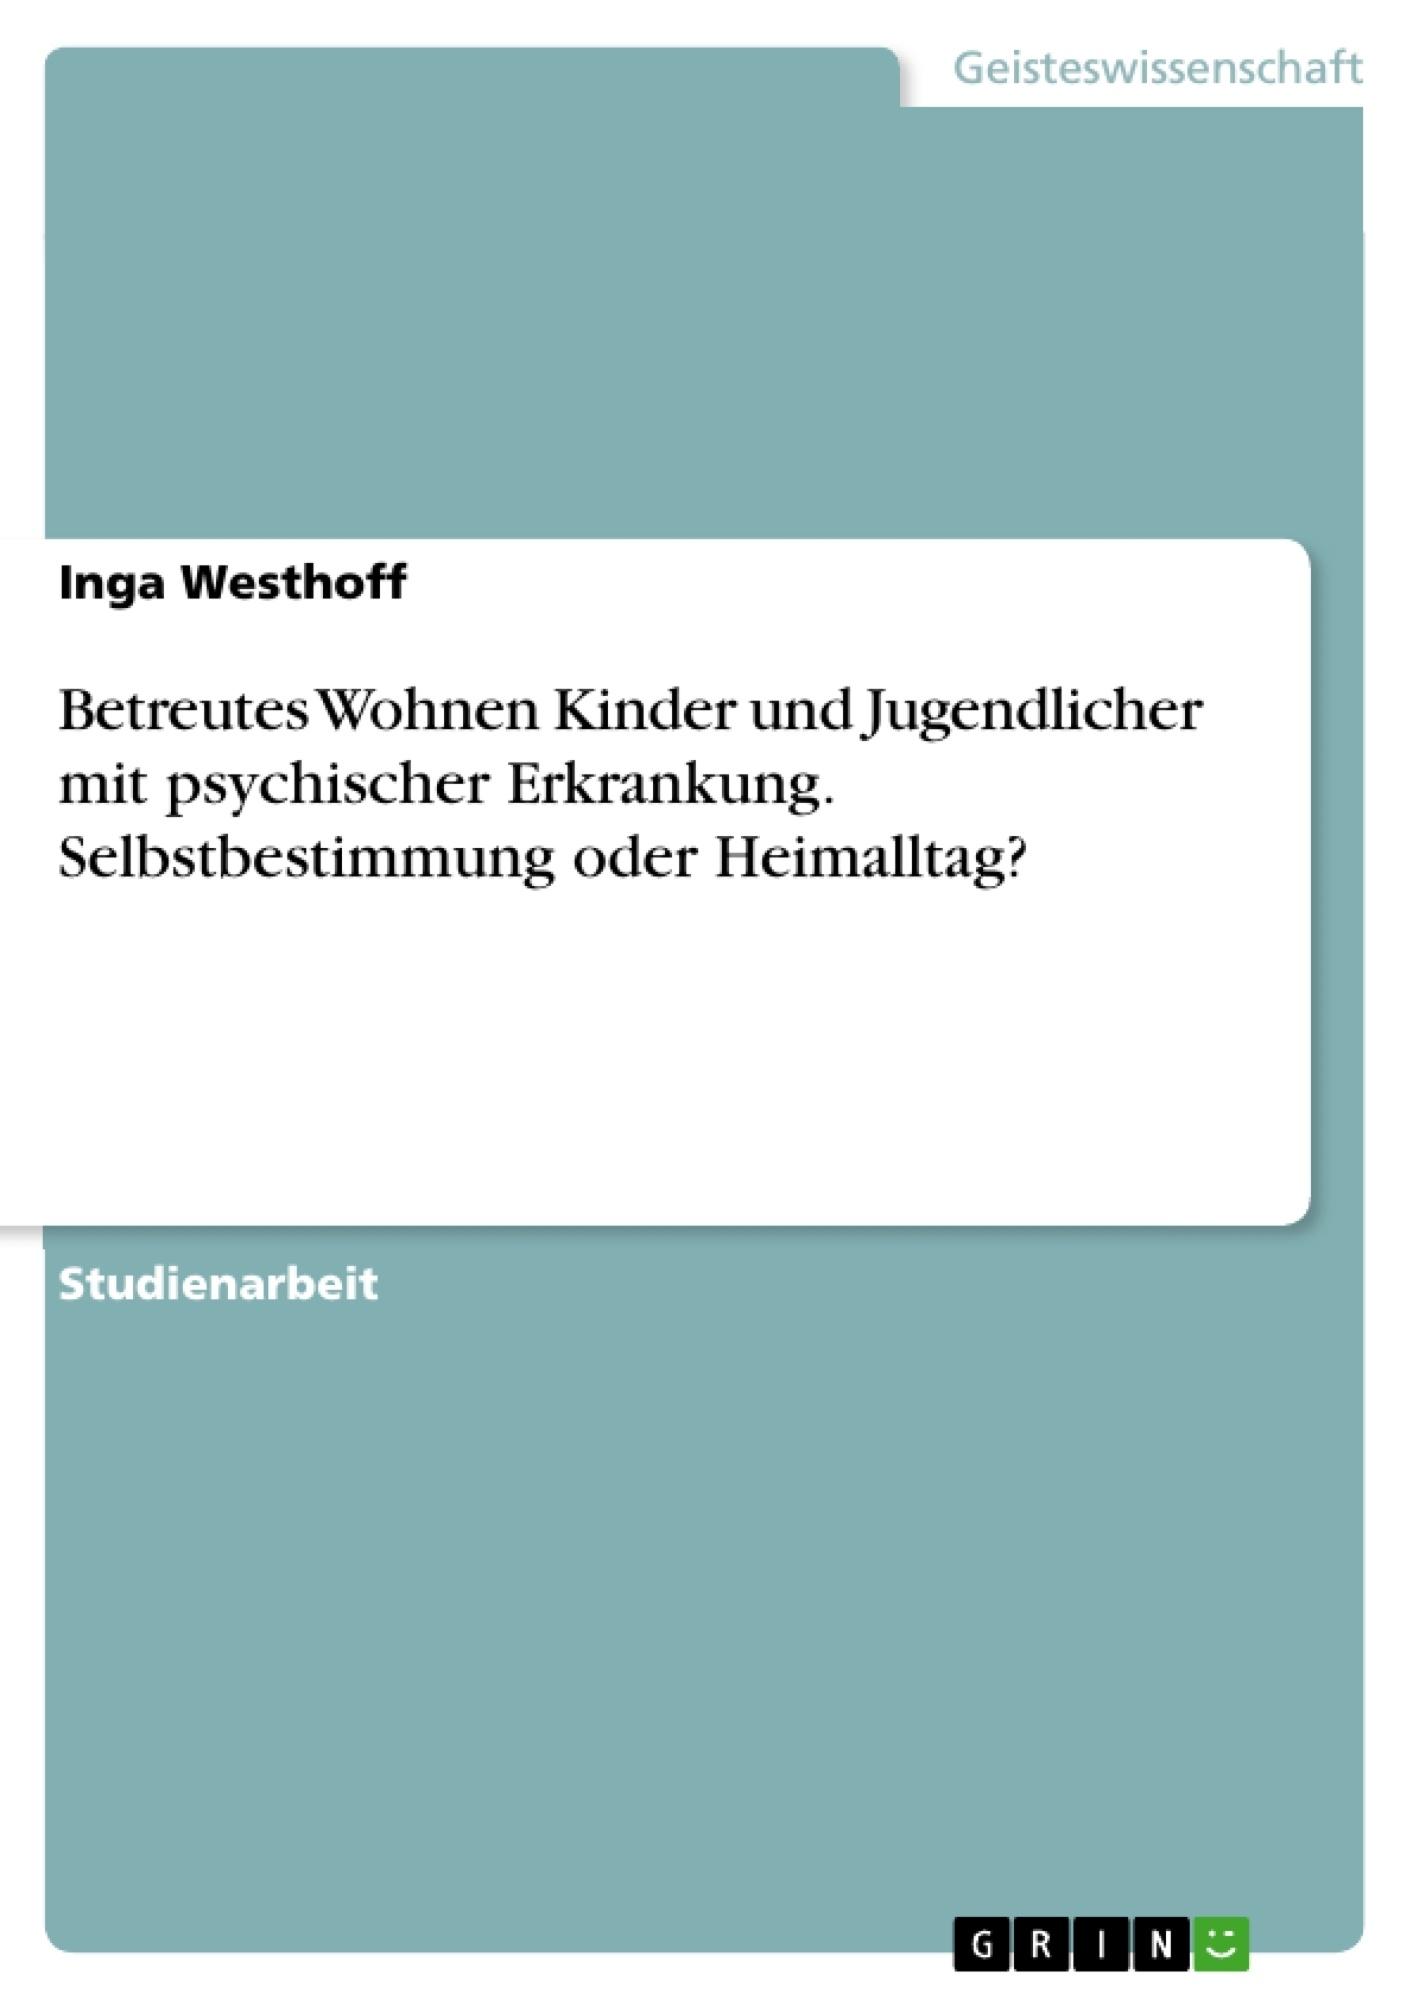 Titel: Betreutes Wohnen Kinder und Jugendlicher mit psychischer Erkrankung. Selbstbestimmung oder Heimalltag?